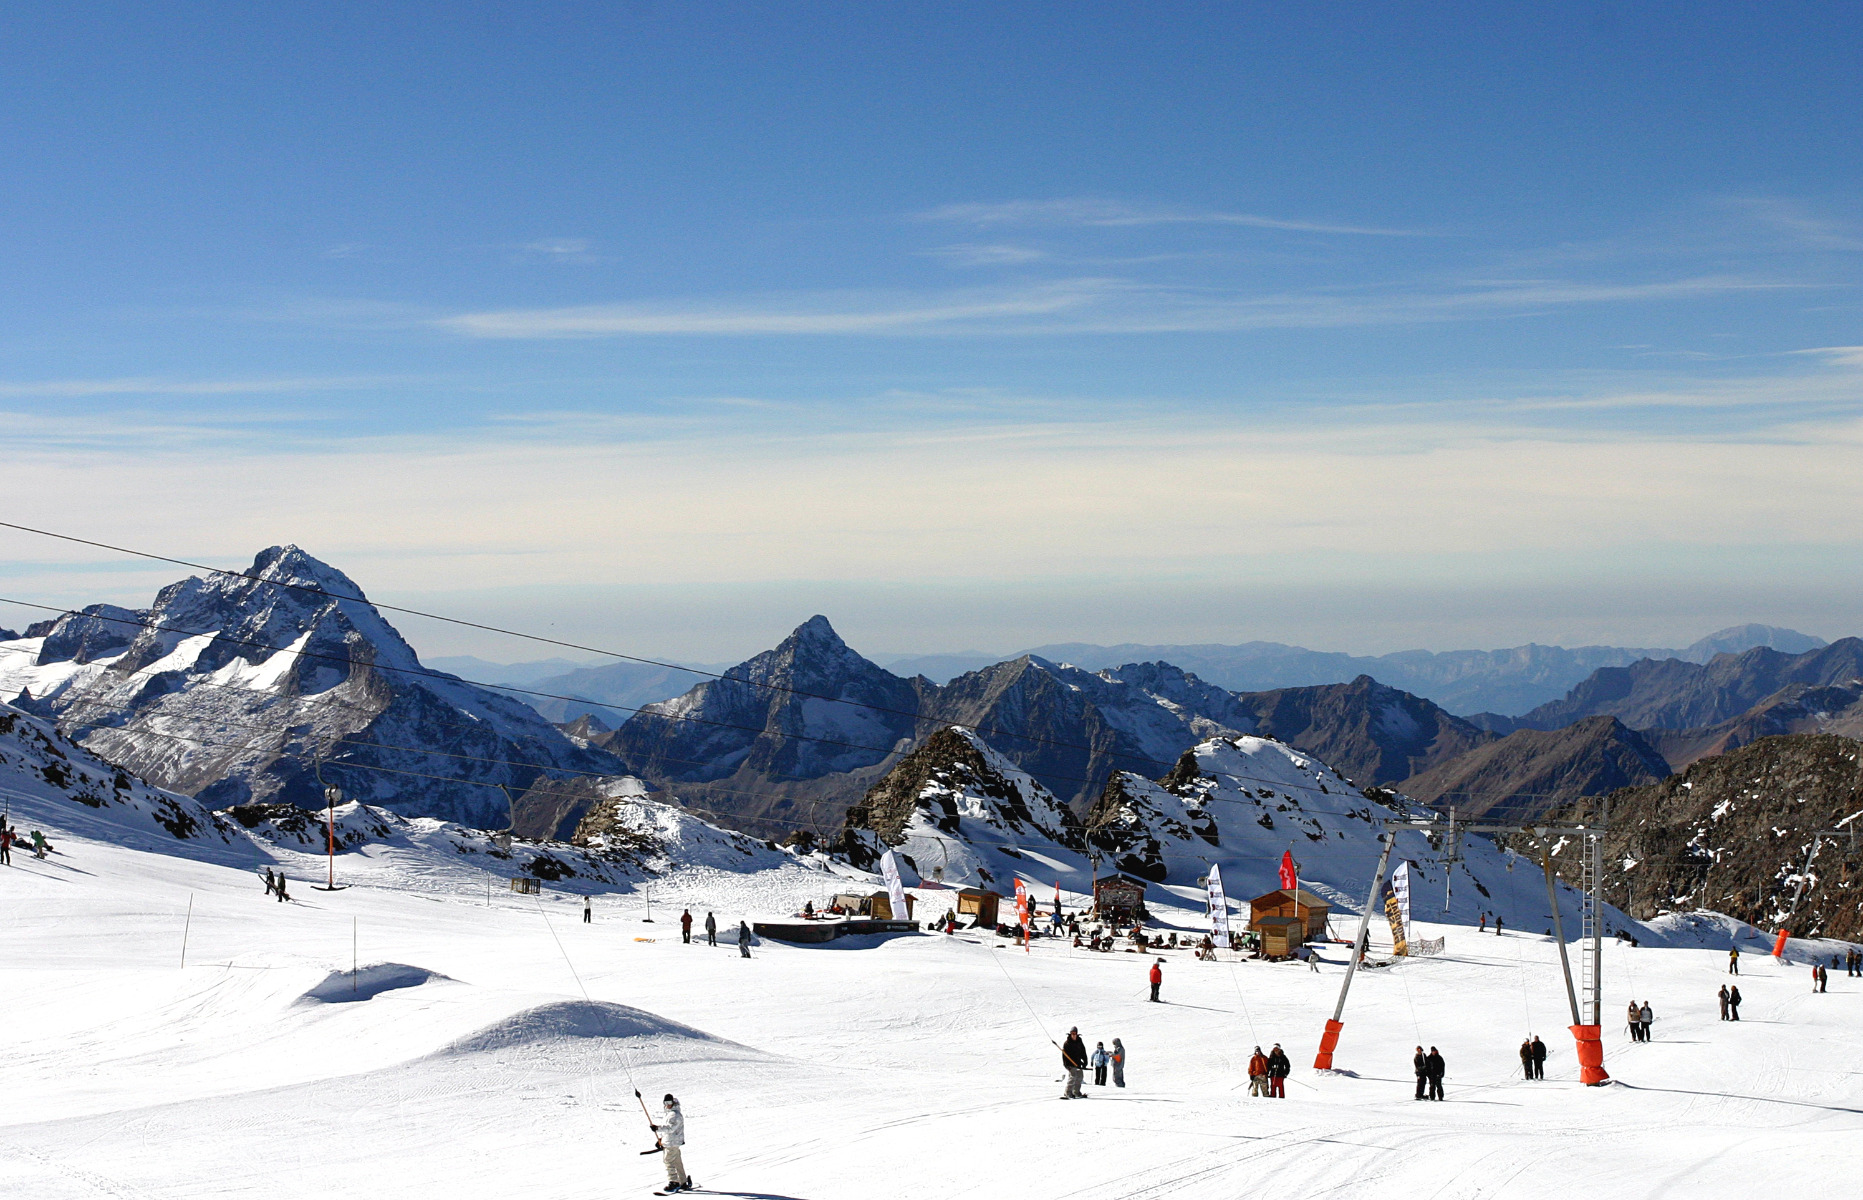 Letní lyžařské středisko Les 2 Alpes, Francie